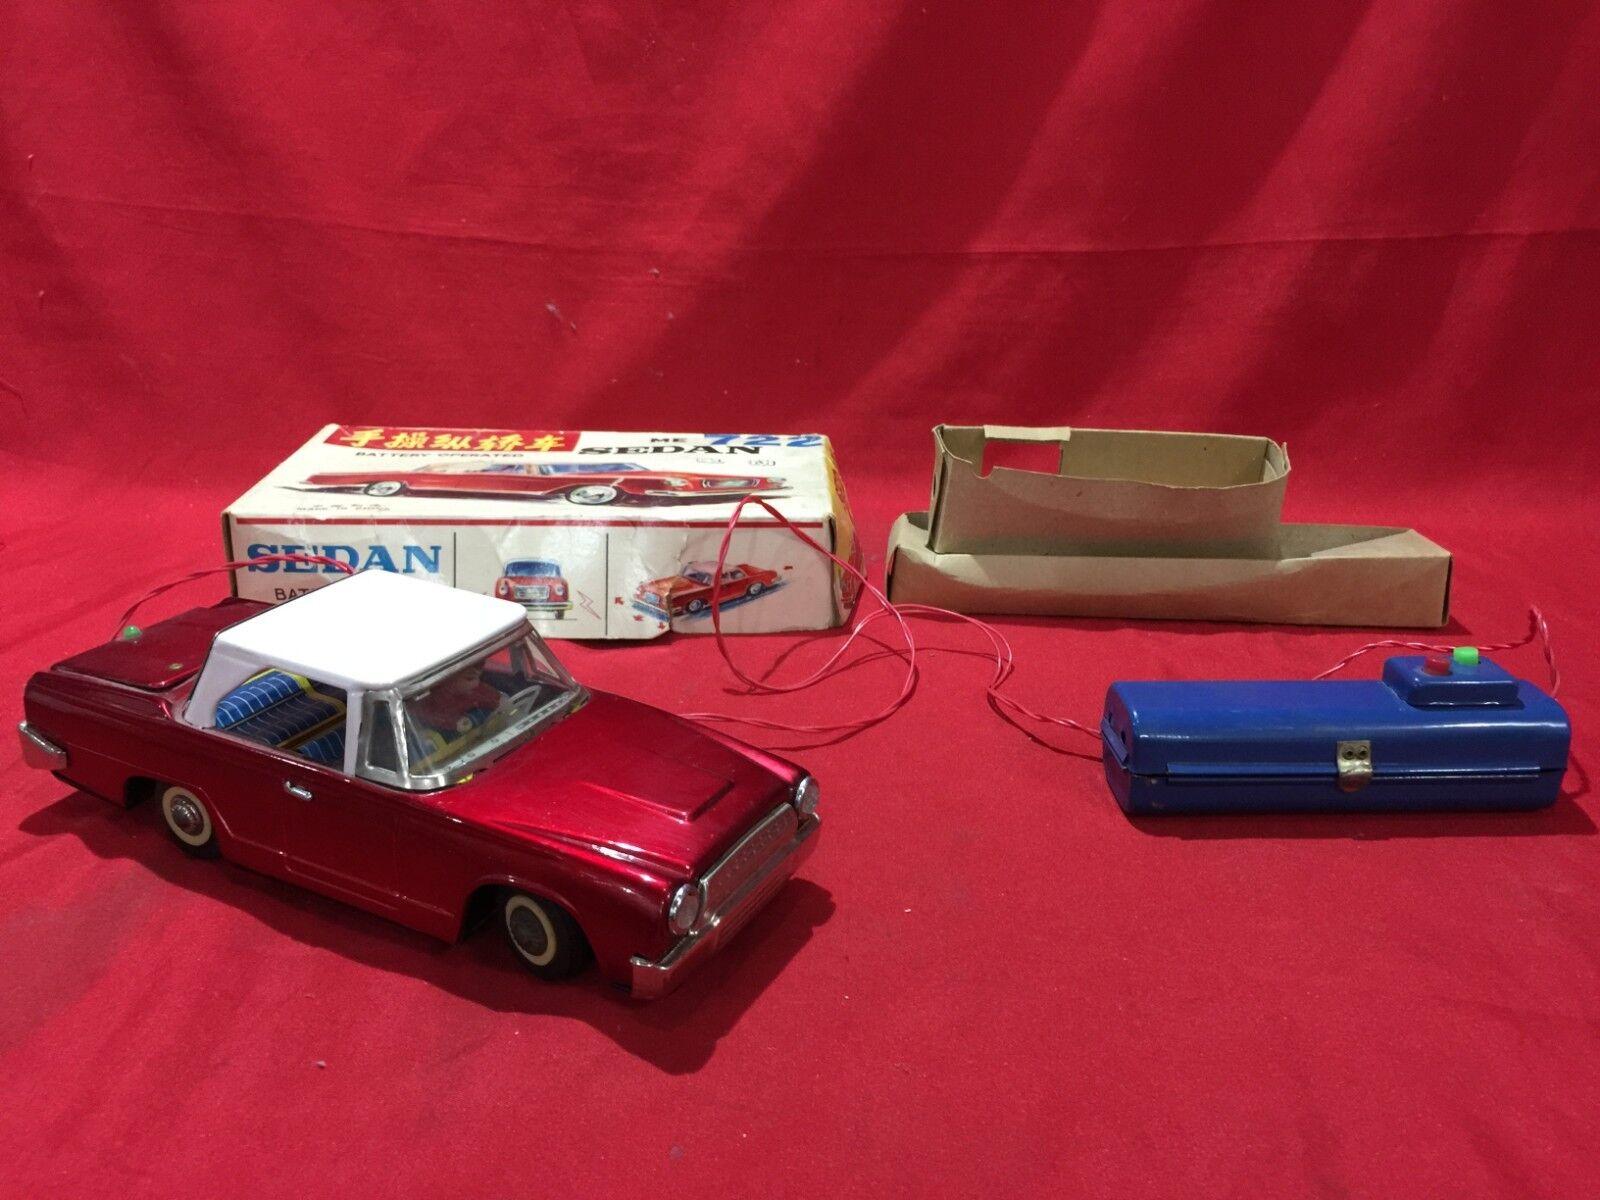 Vintage Juguete De Hojalata Coche Sedan con mando a distancia con pilas Coleccionable